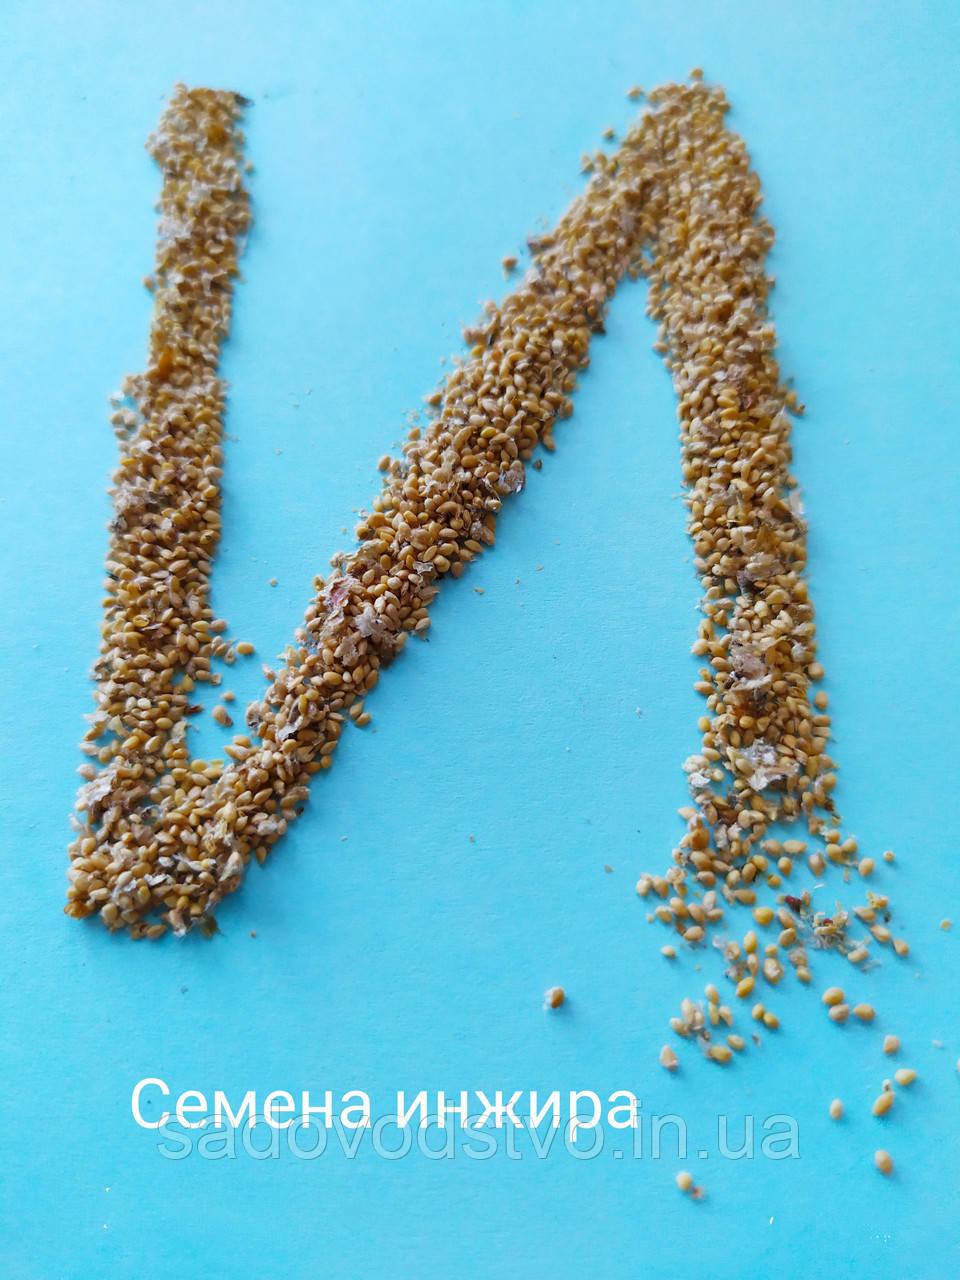 Набор семян инжира № 1